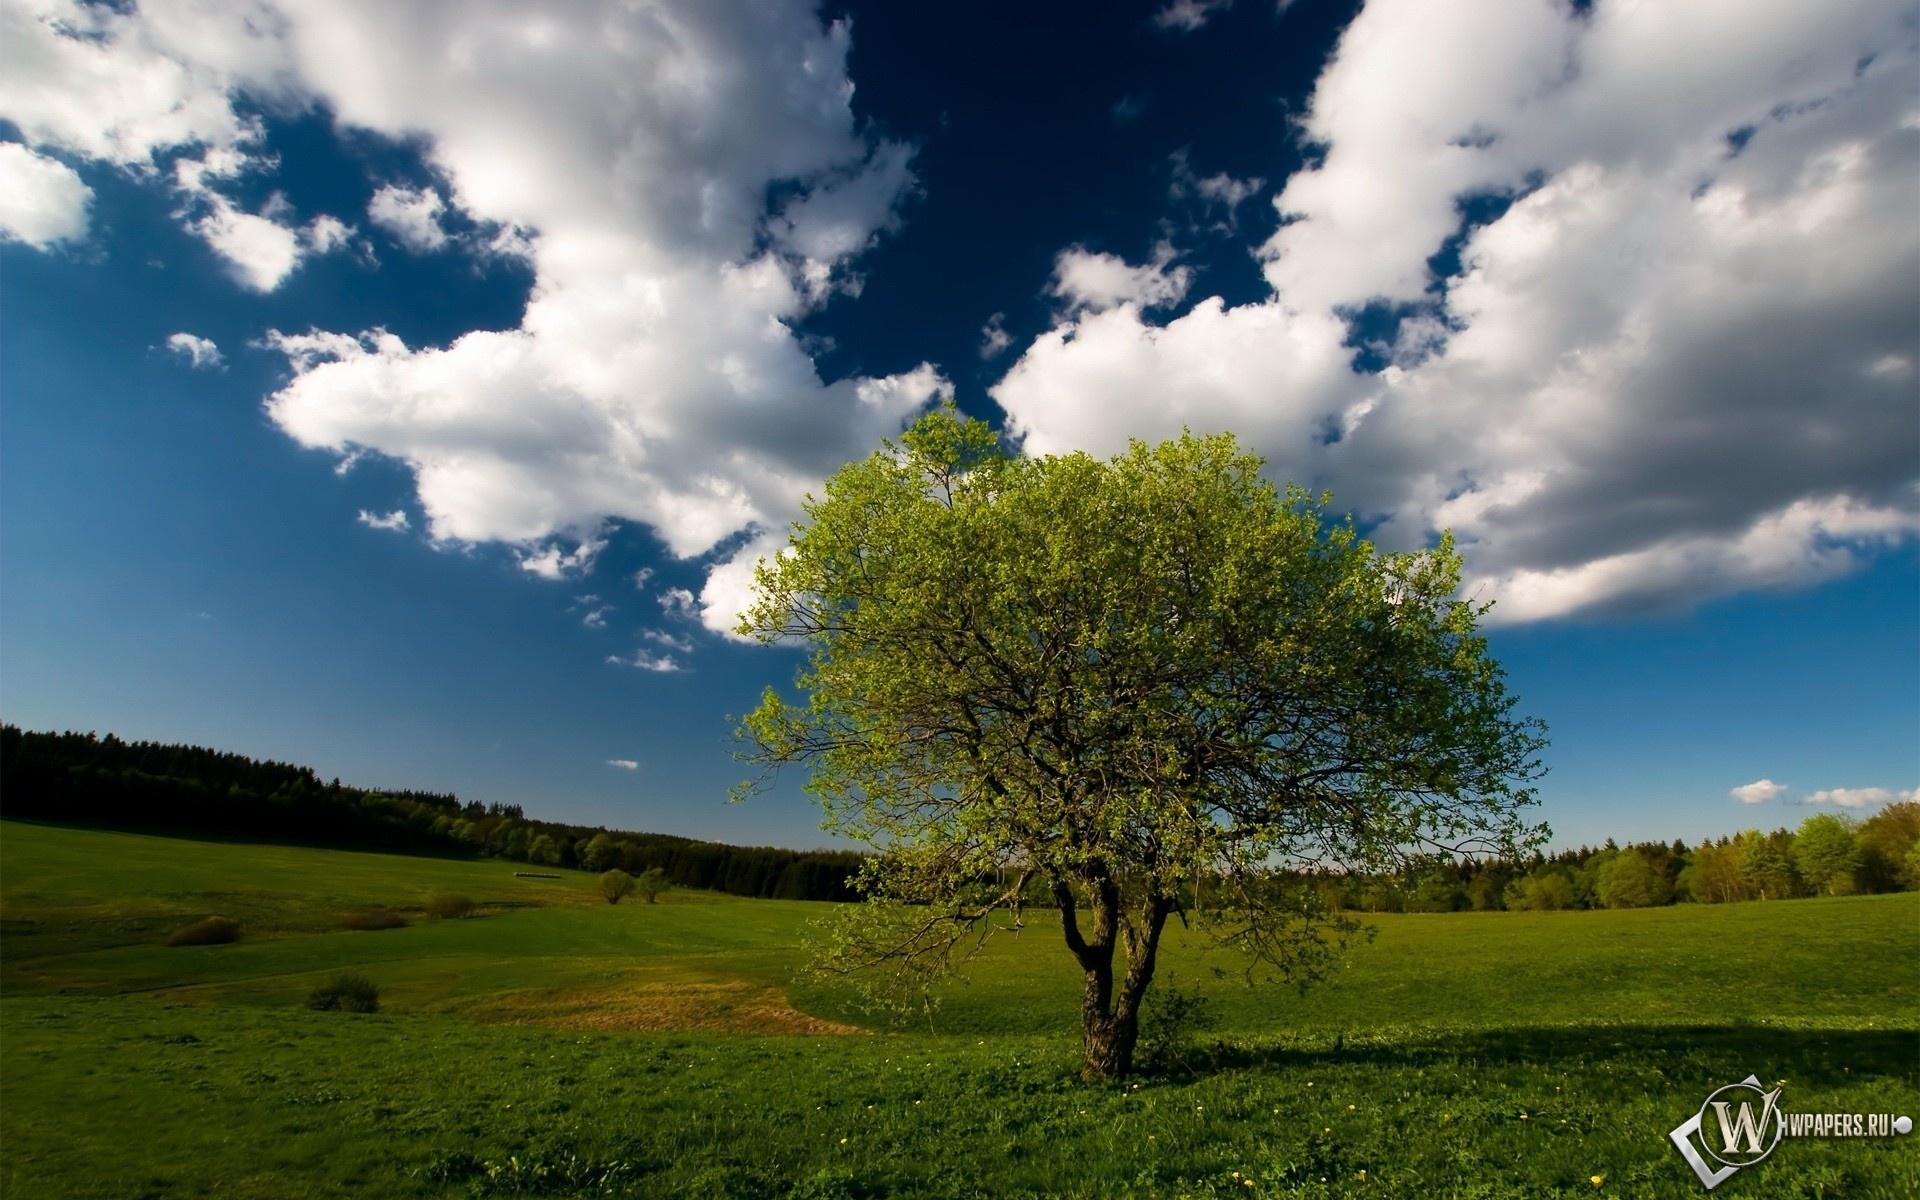 Дерево на фоне облаков 1920x1200